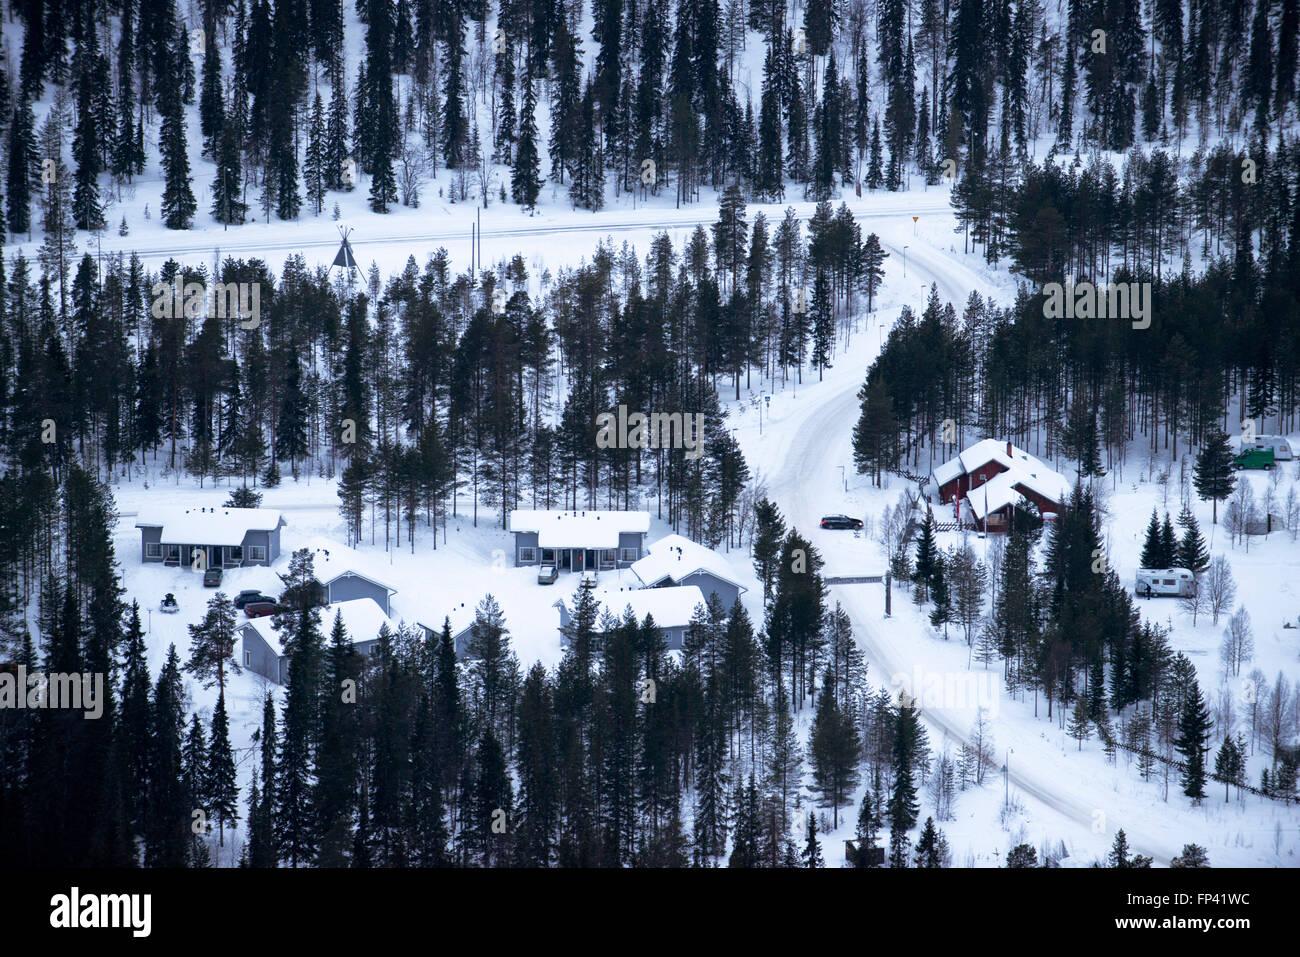 Hotels in der Nähe des Skigebiets Salla. Tief in der Wildnis von stark Schnee beladene Nadelbäume und robuste fiel Hochland, in der Stockfoto